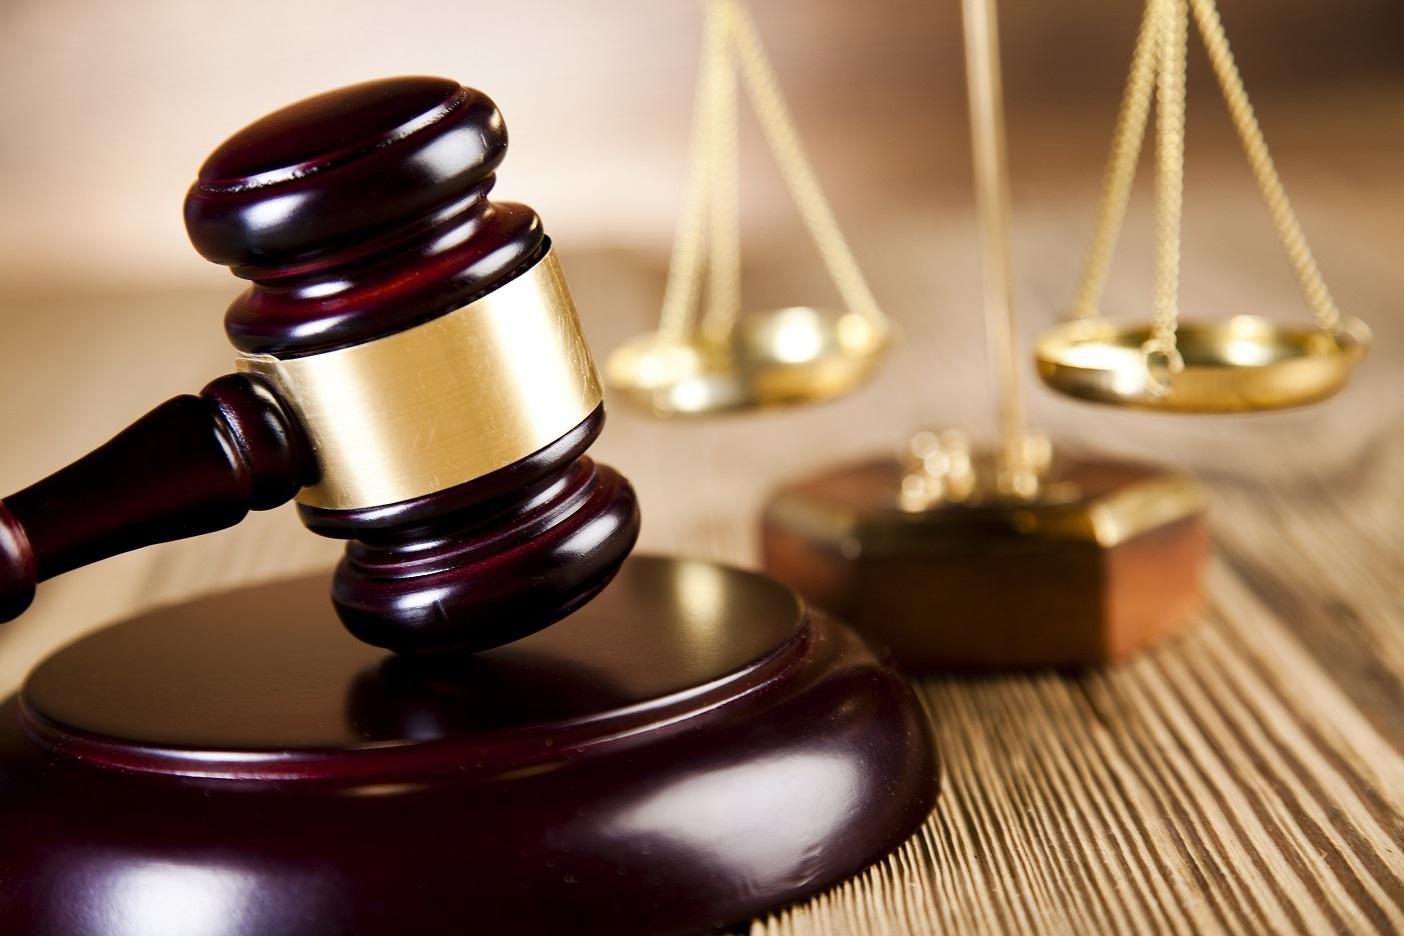 Курская область. Под суд идет бывшая директор интерната, похитившая у воспитанников более 4 млн рублей